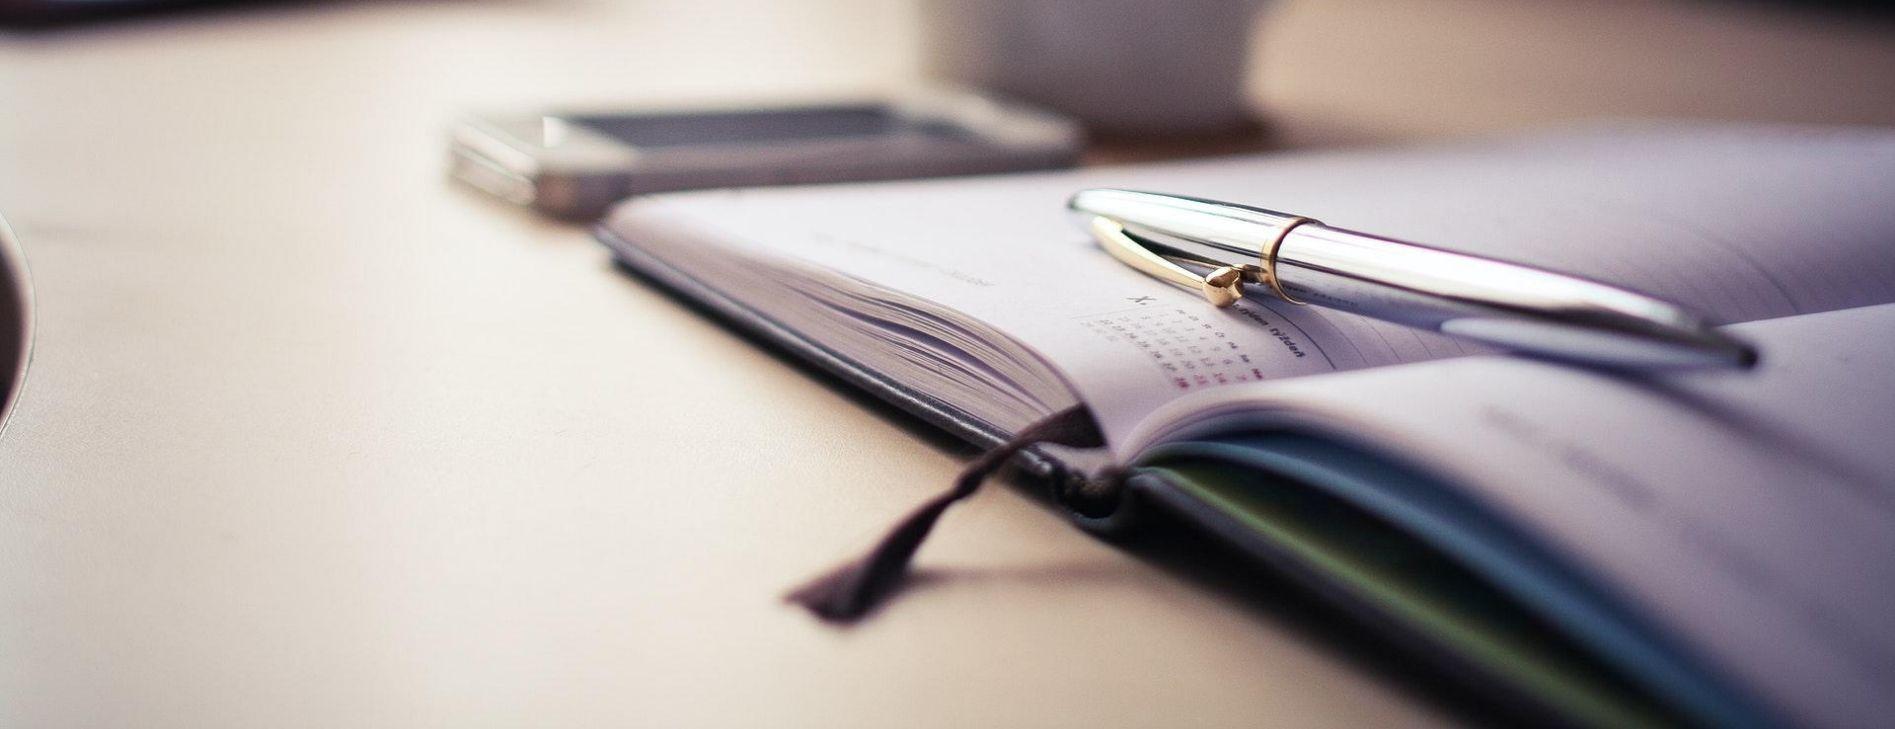 Agenda e calendario